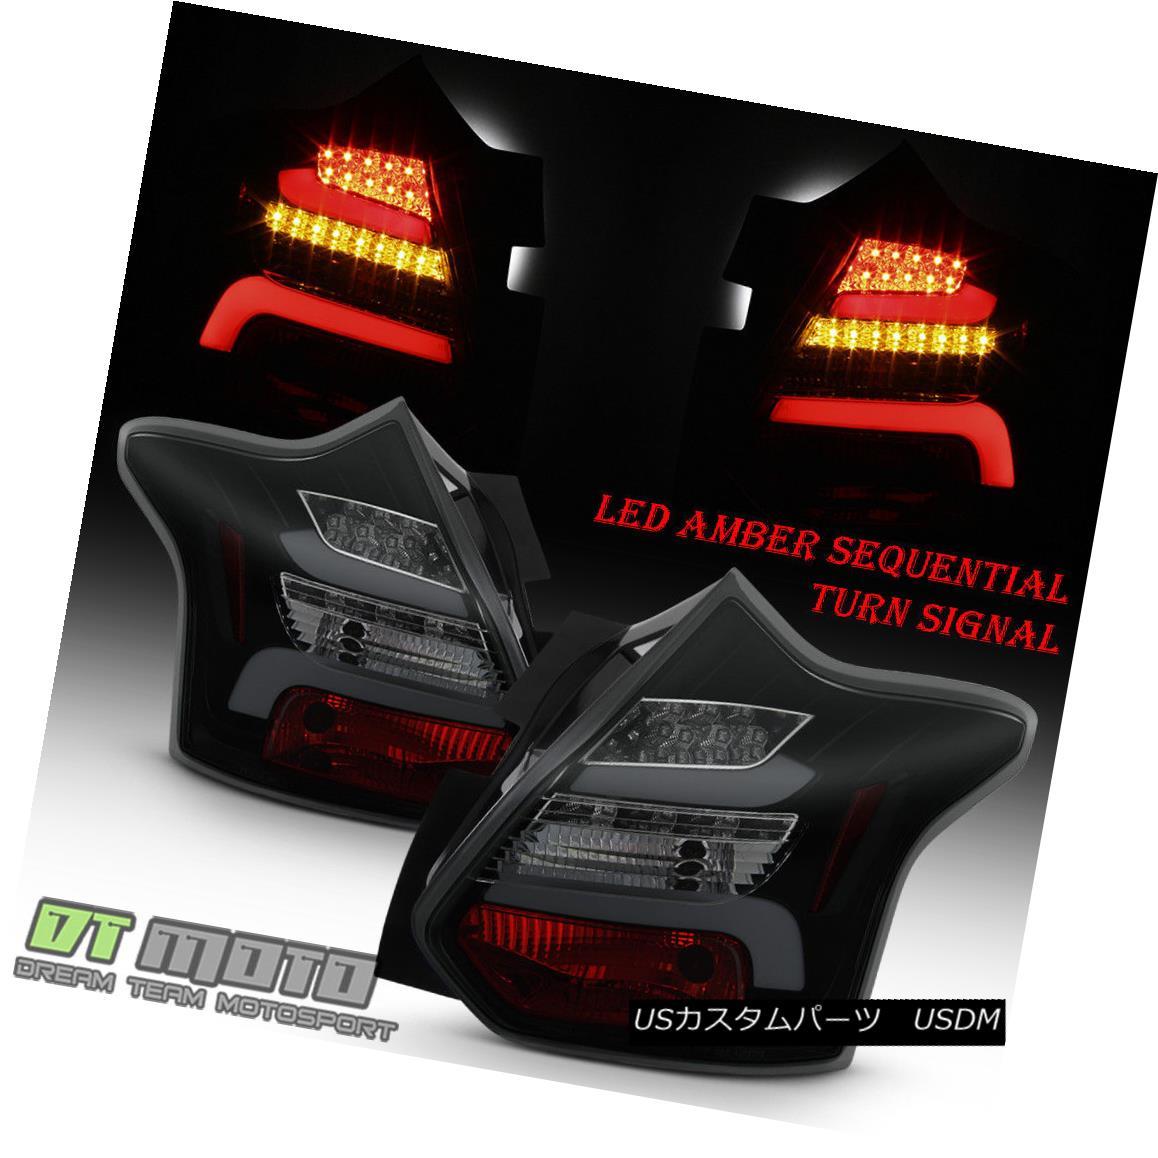 ヘッドライト Black Smoke 2012-2014 Ford Focus Hatchback SEQUENTIAL LED Tube Tail Lights Lamps ブラックスモーク2012-2014フォードフォーカスハッチバック逐次LEDチュー